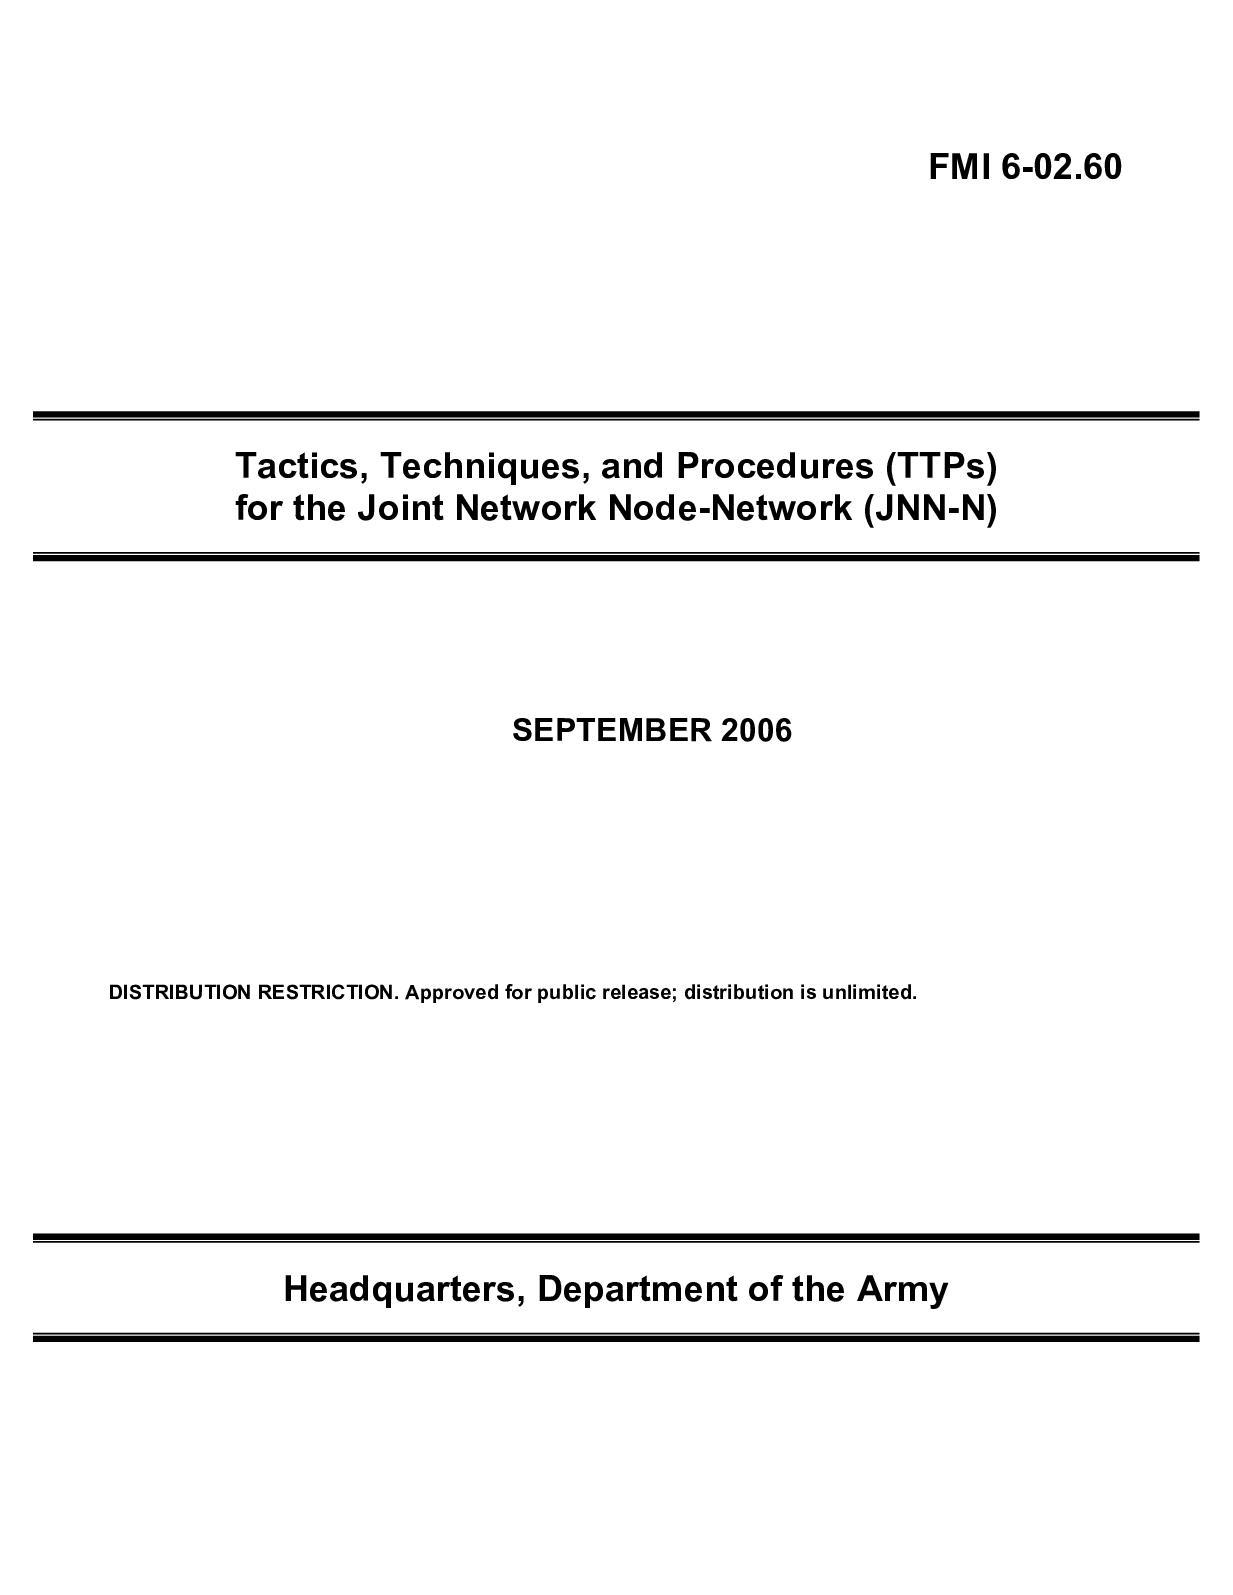 Calaméo - (e Book - English - Military) US Army - Field Manual FMI 6